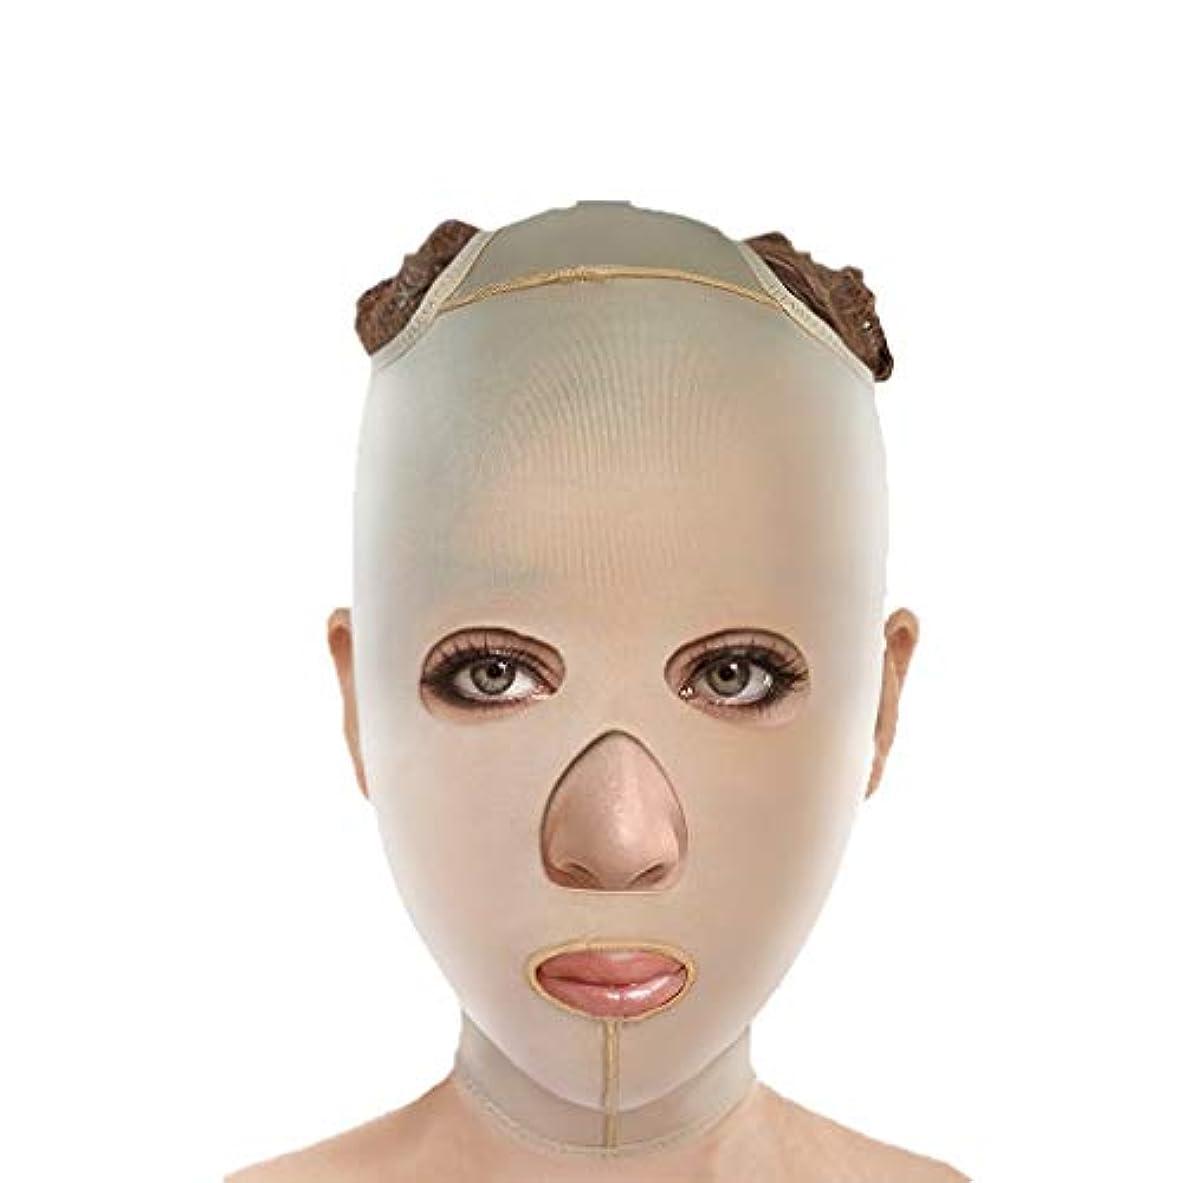 ライフル黒くする万一に備えてLJK あごのストラップ、フェイスリフティング、アンチエイジングフェイシャルバンデージ、フェイシャル減量マスク、ファーミングマスク、フェイシャルリフティングアーティファクト (Size : XL)